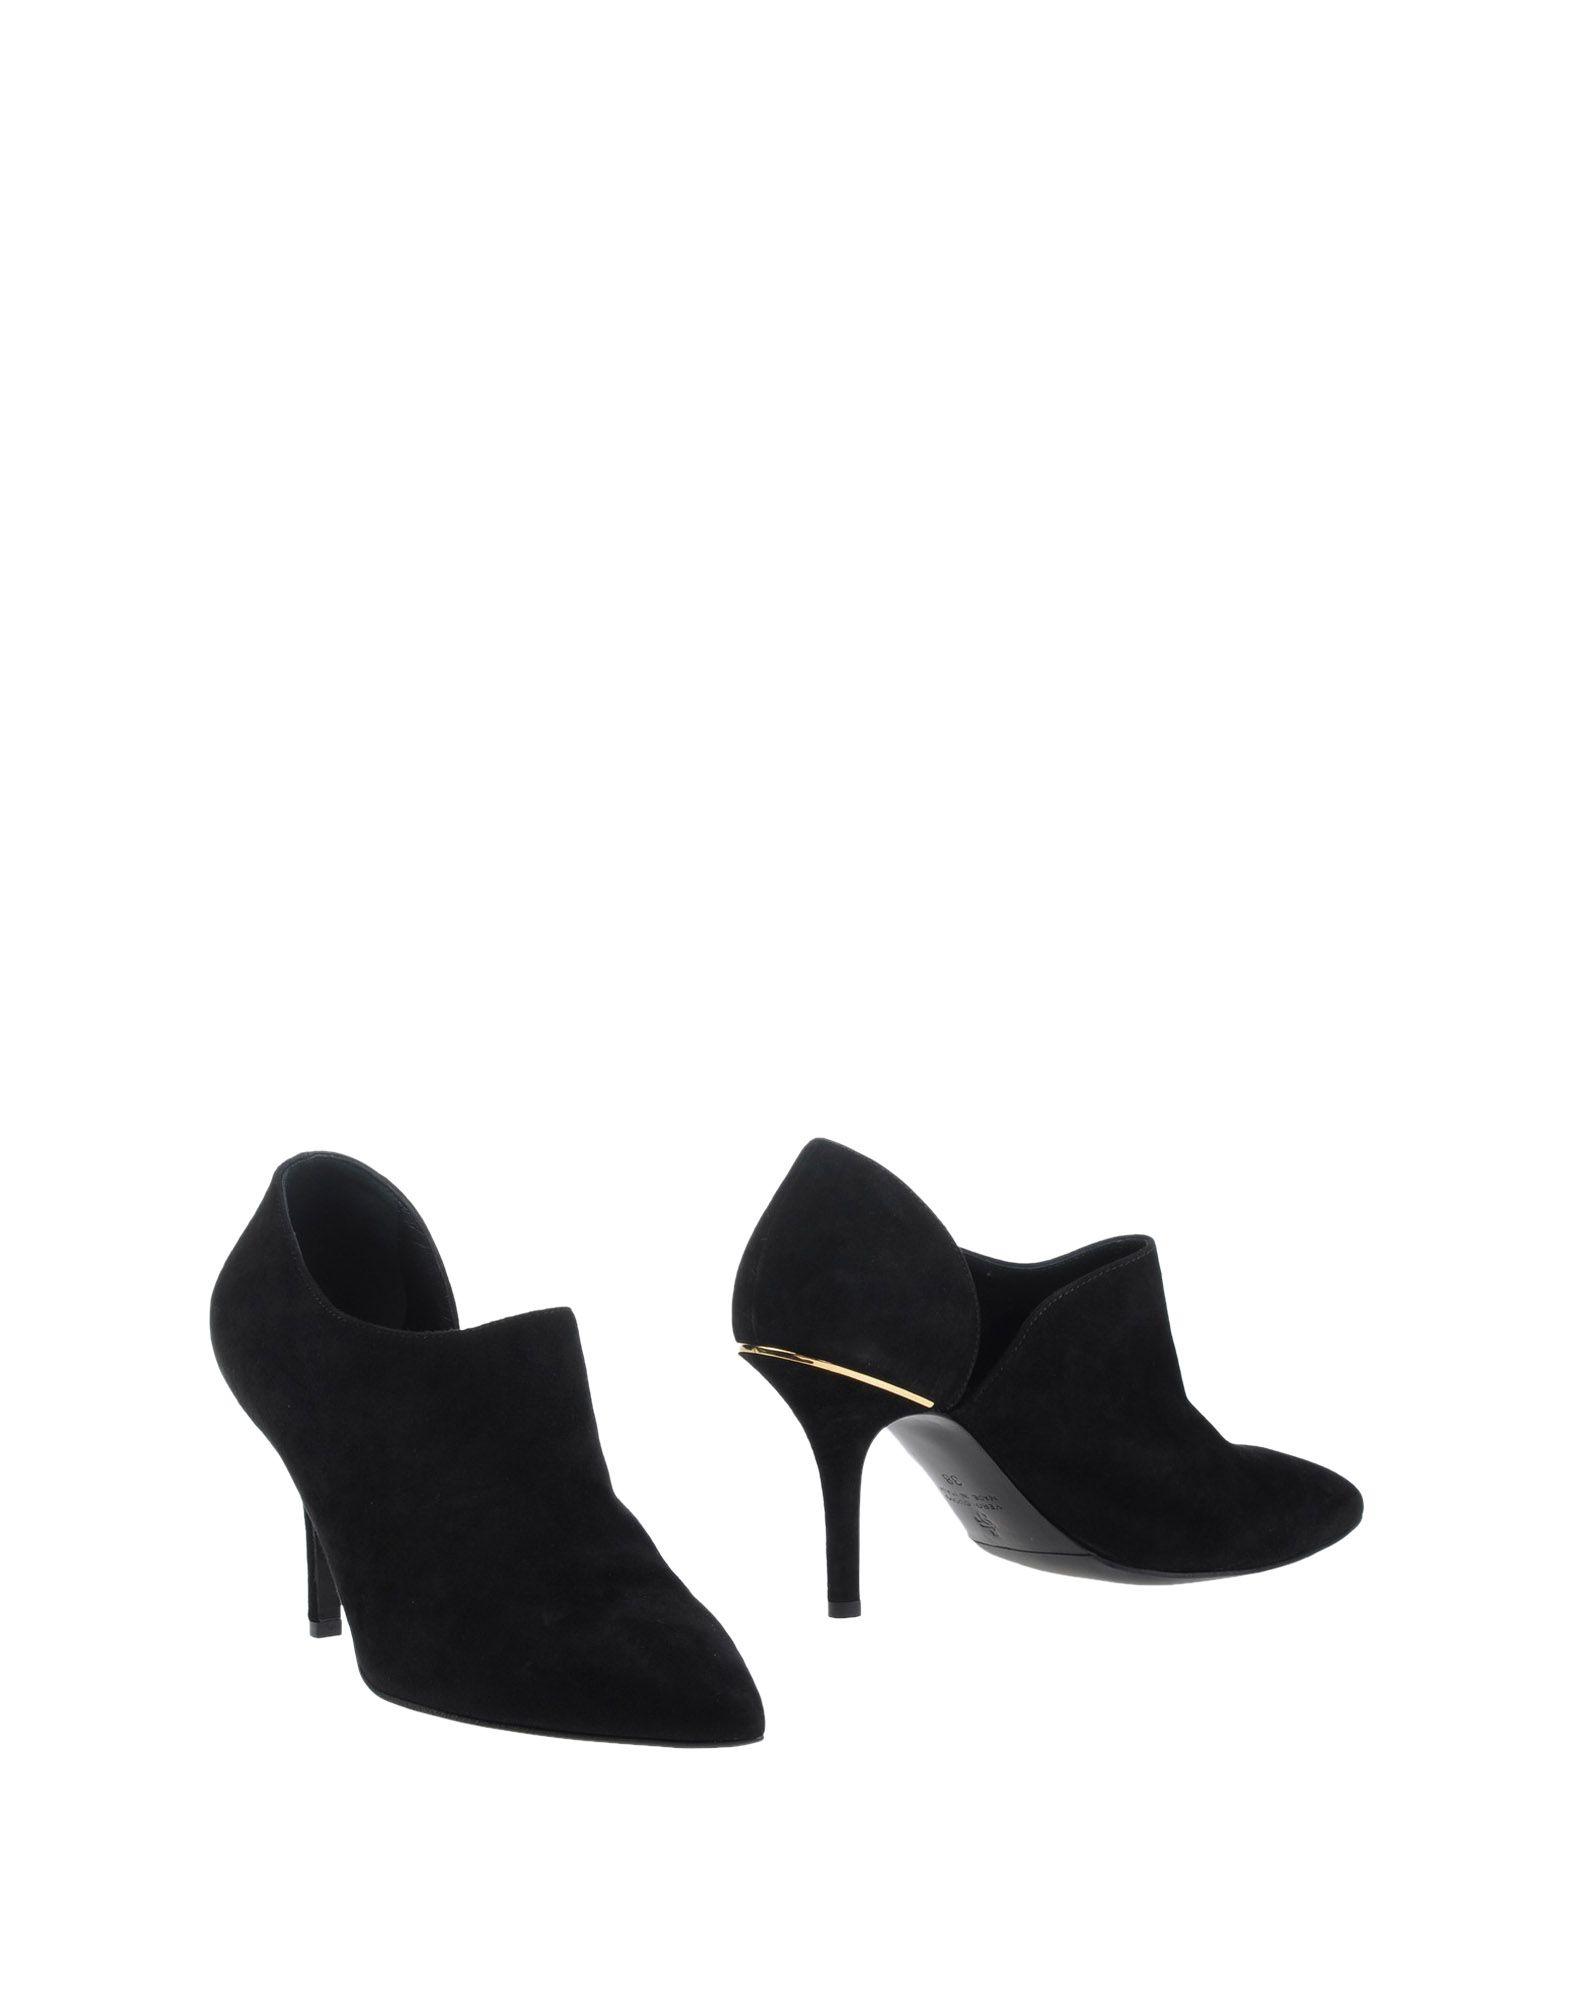 Guido Sgariglia Stiefelette Damen Damen Stiefelette  11091526CM Neue Schuhe c2045f